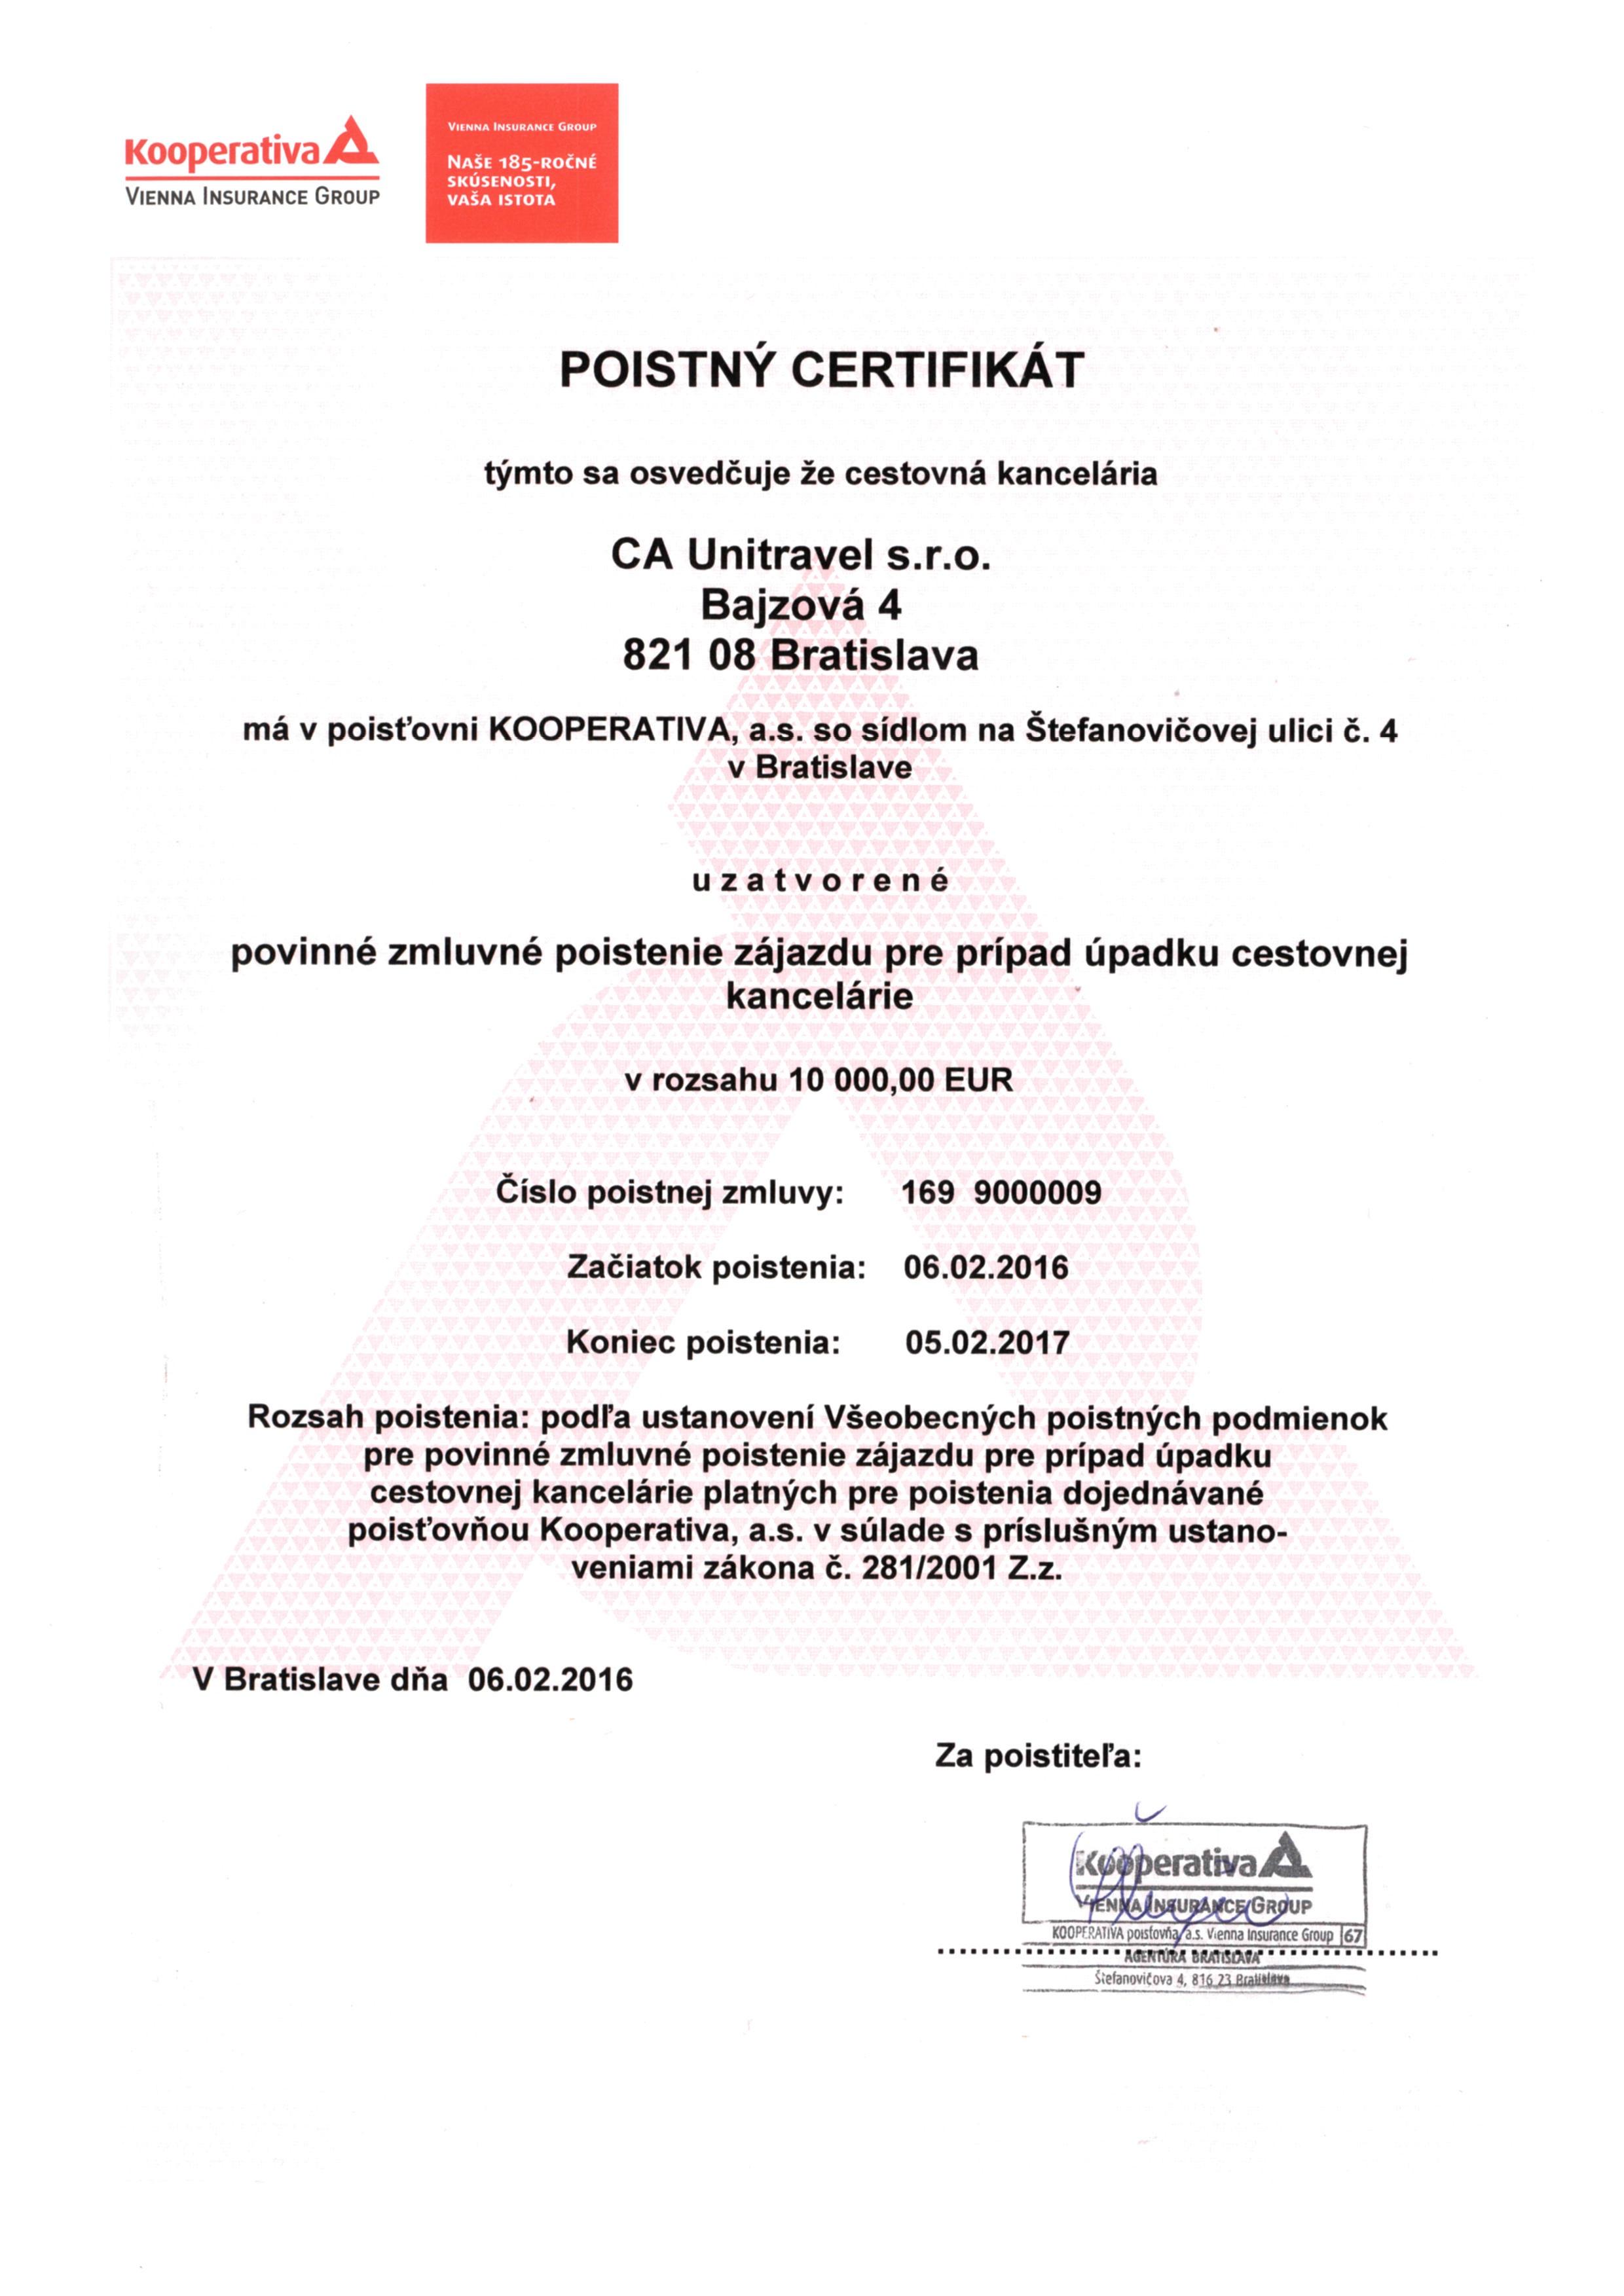 poistny certifikat